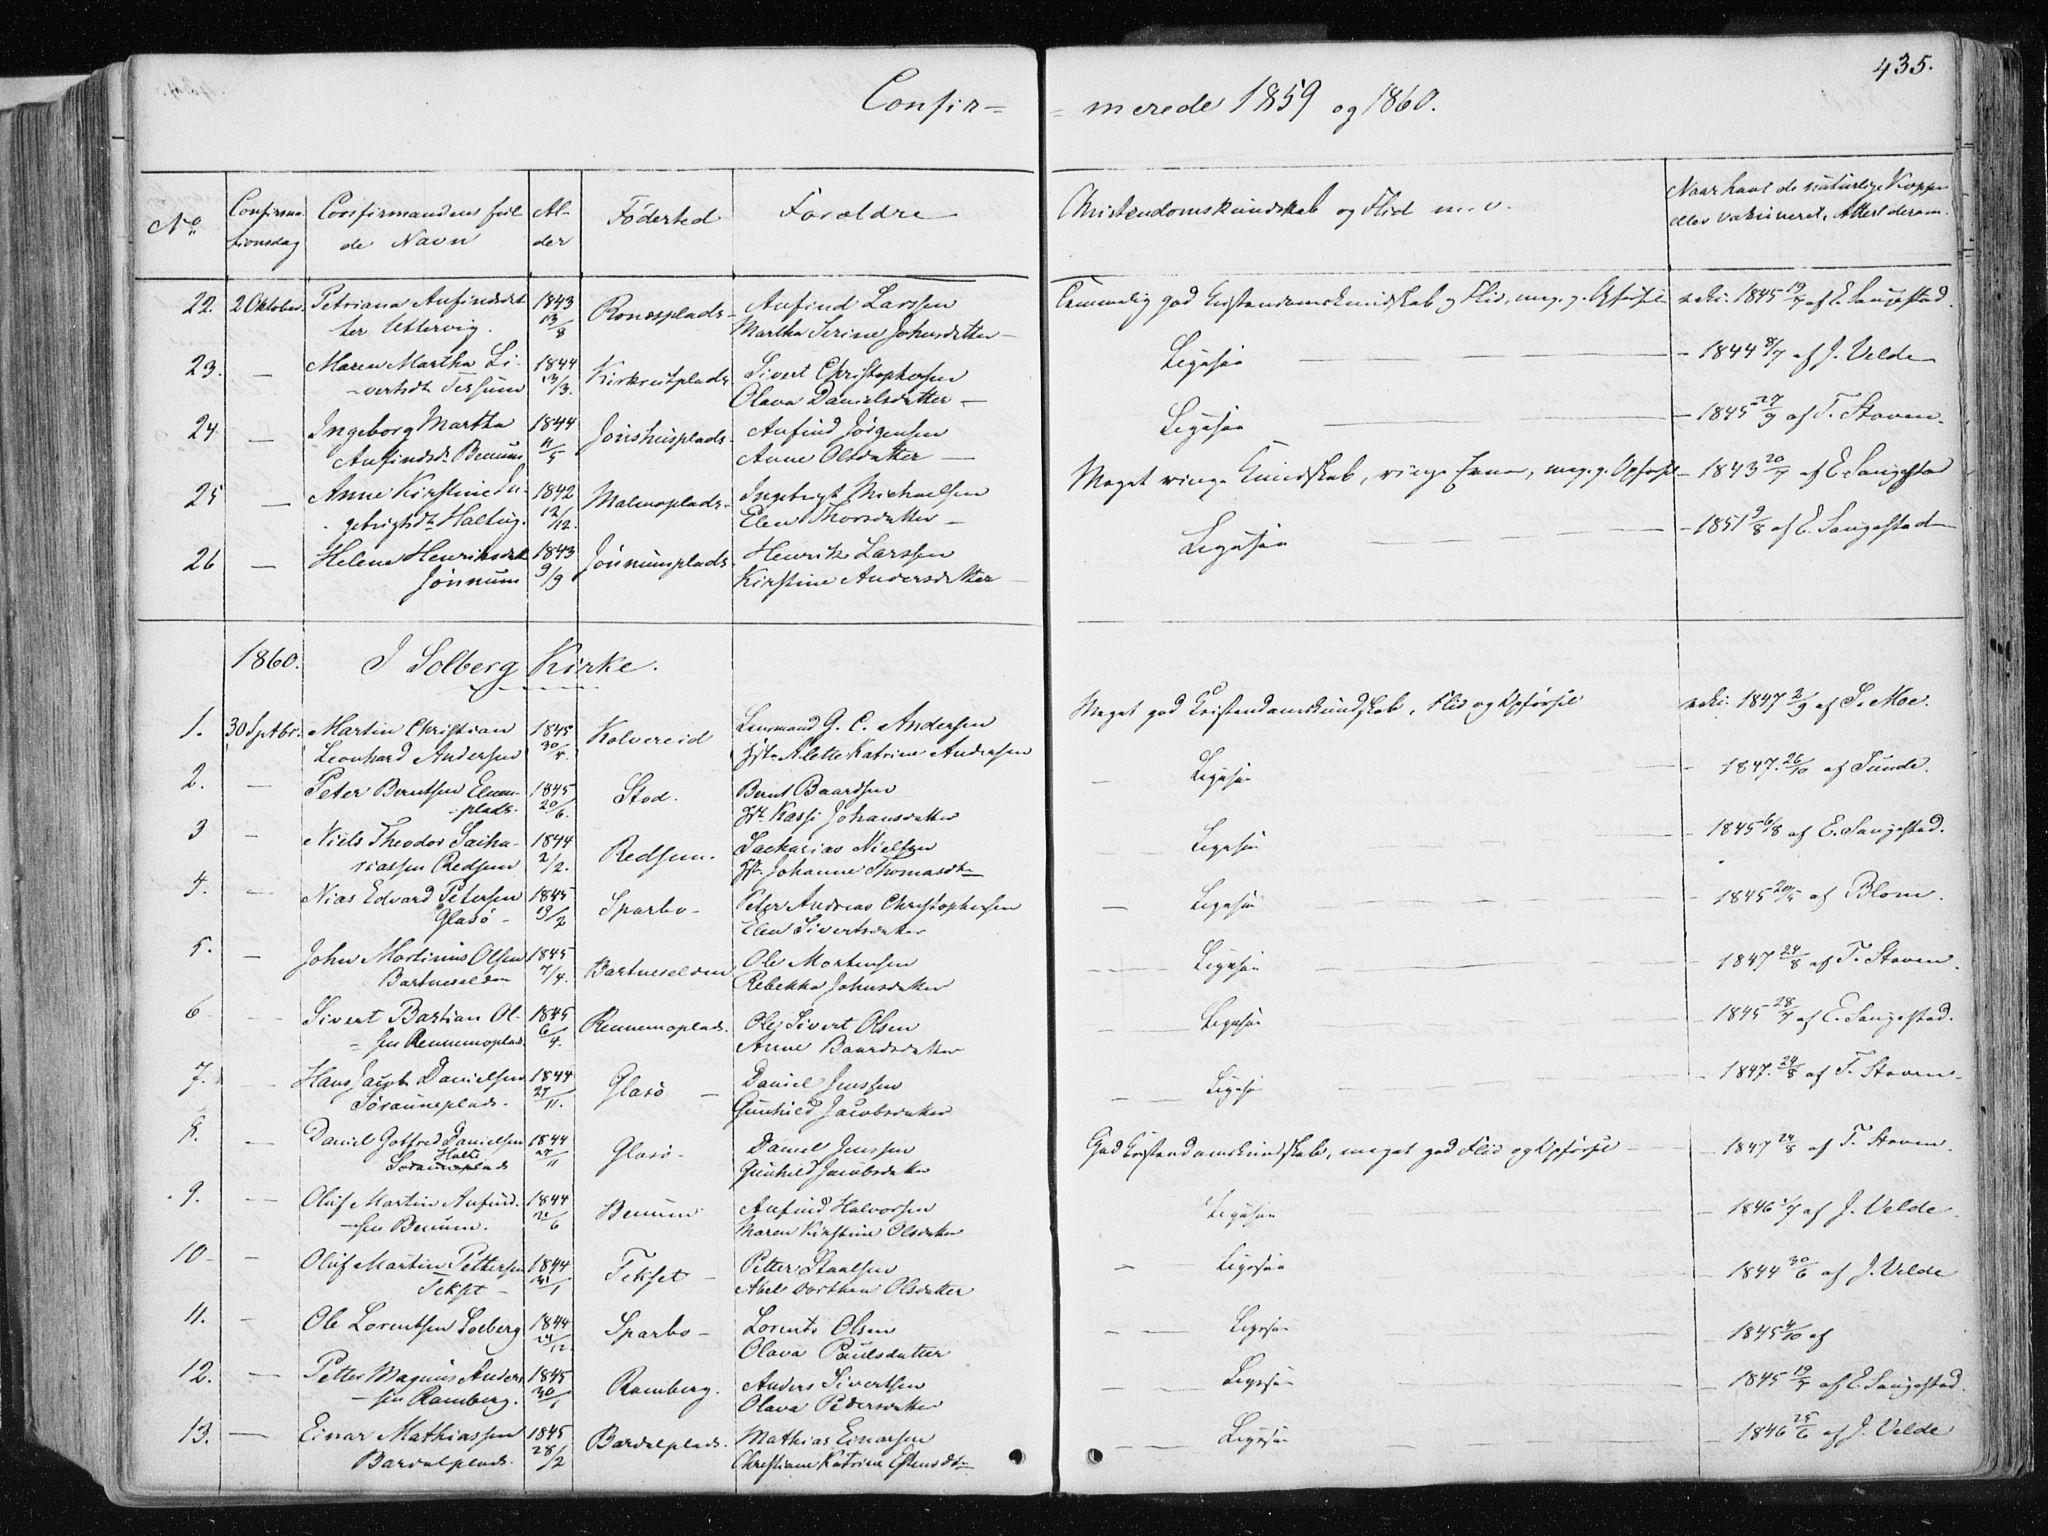 SAT, Ministerialprotokoller, klokkerbøker og fødselsregistre - Nord-Trøndelag, 741/L0393: Ministerialbok nr. 741A07, 1849-1863, s. 435